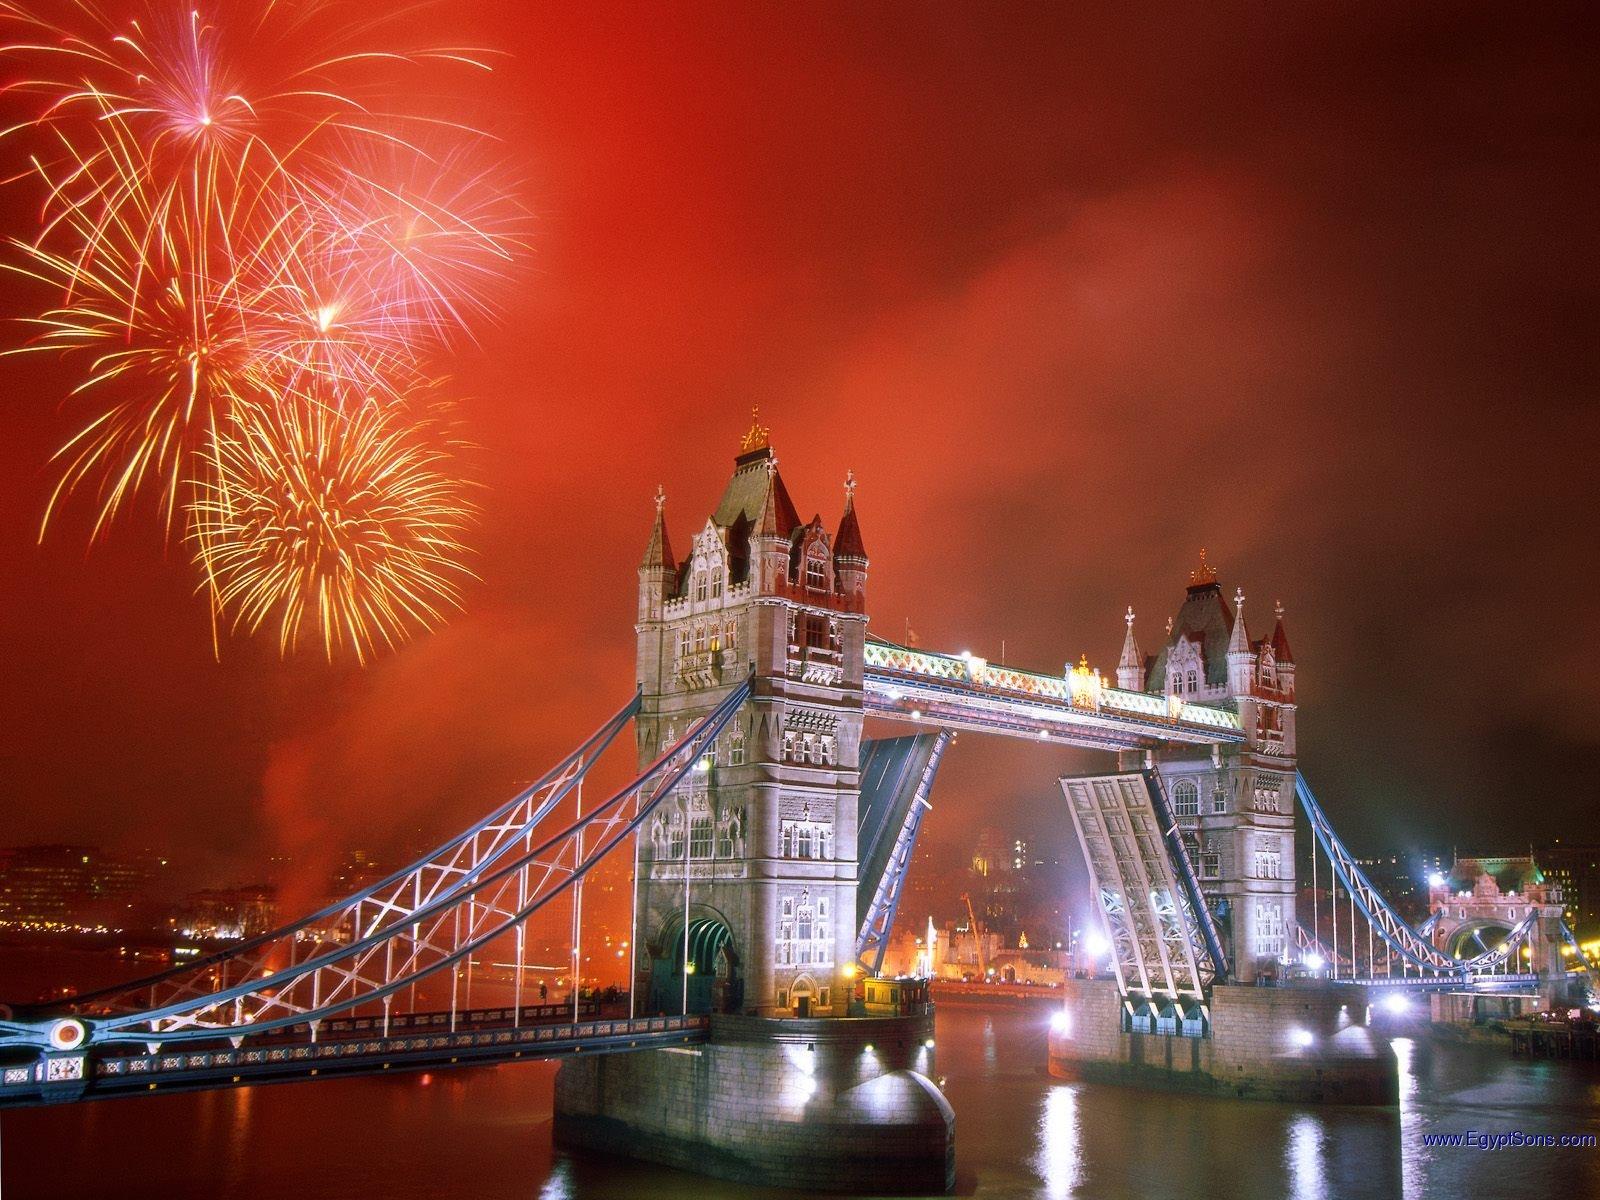 london lights for christmas